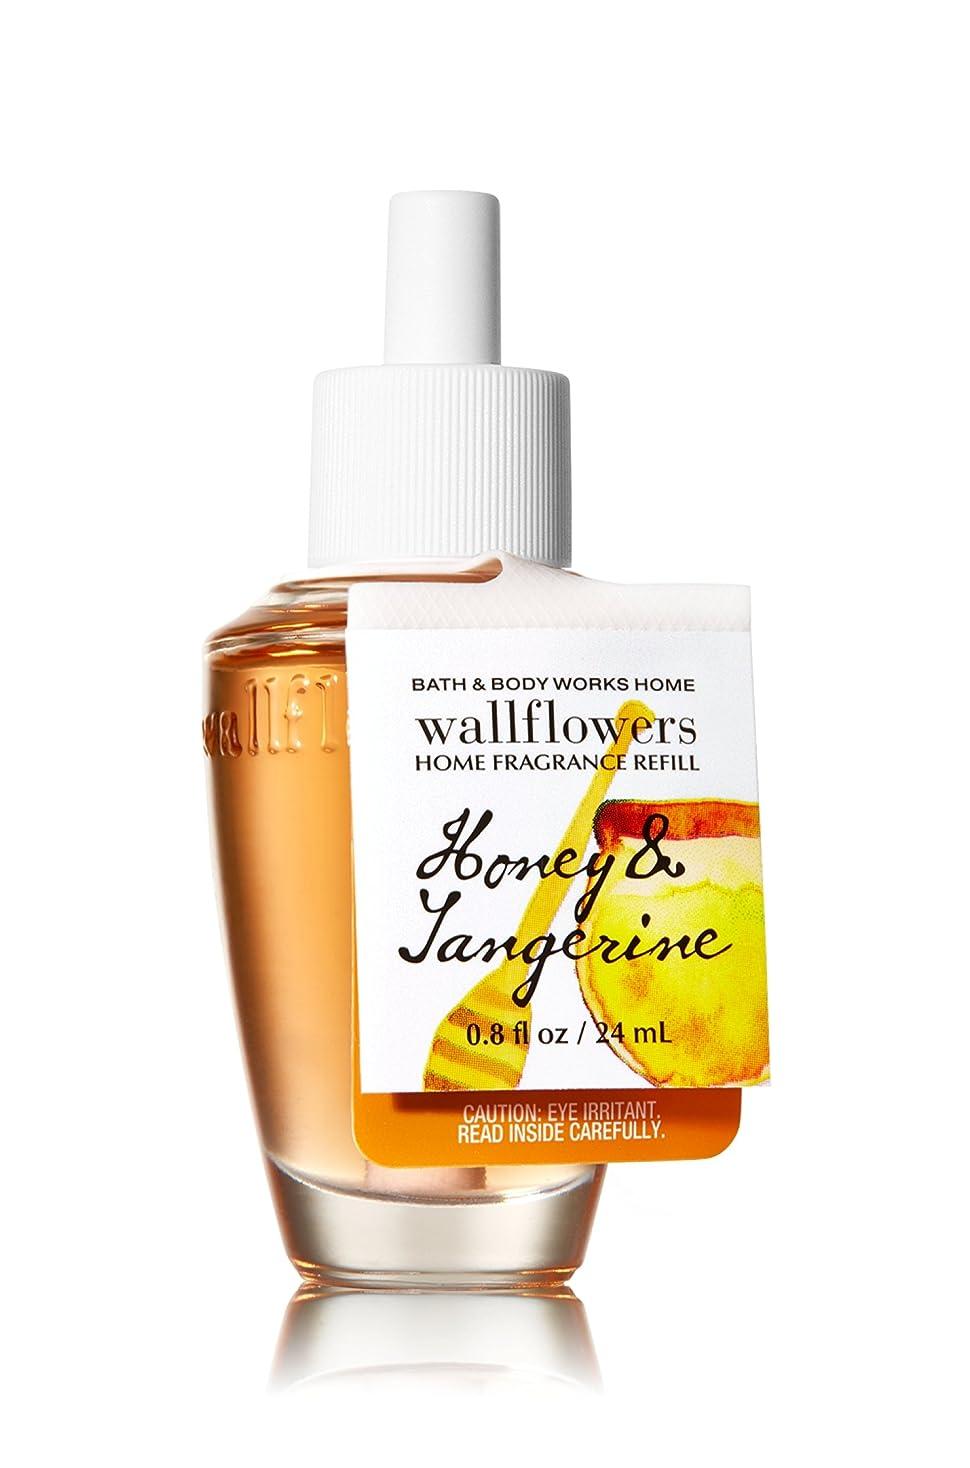 愛国的な開発匹敵します【Bath&Body Works/バス&ボディワークス】 ルームフレグランス 詰替えリフィル ハニー&タンジェリン Wallflowers Home Fragrance Refill Honey & Tangerine [並行輸入品]